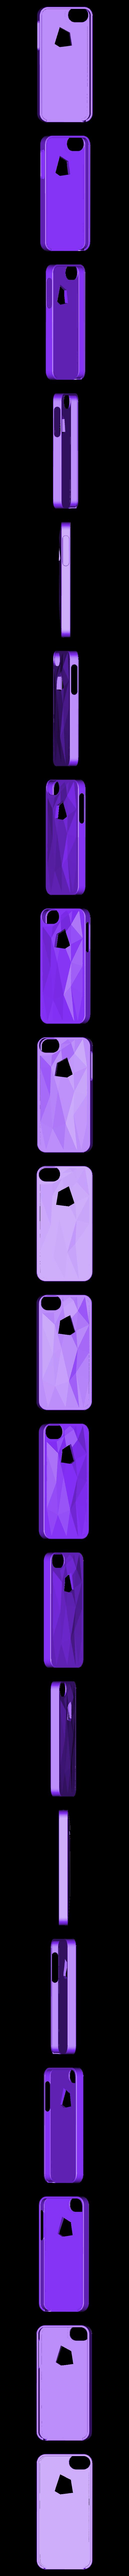 untitled-wthi_hole.stl Télécharger fichier STL gratuit Faceted iPhone 5/5s Case - Version 1 • Plan à imprimer en 3D, Fischfluous